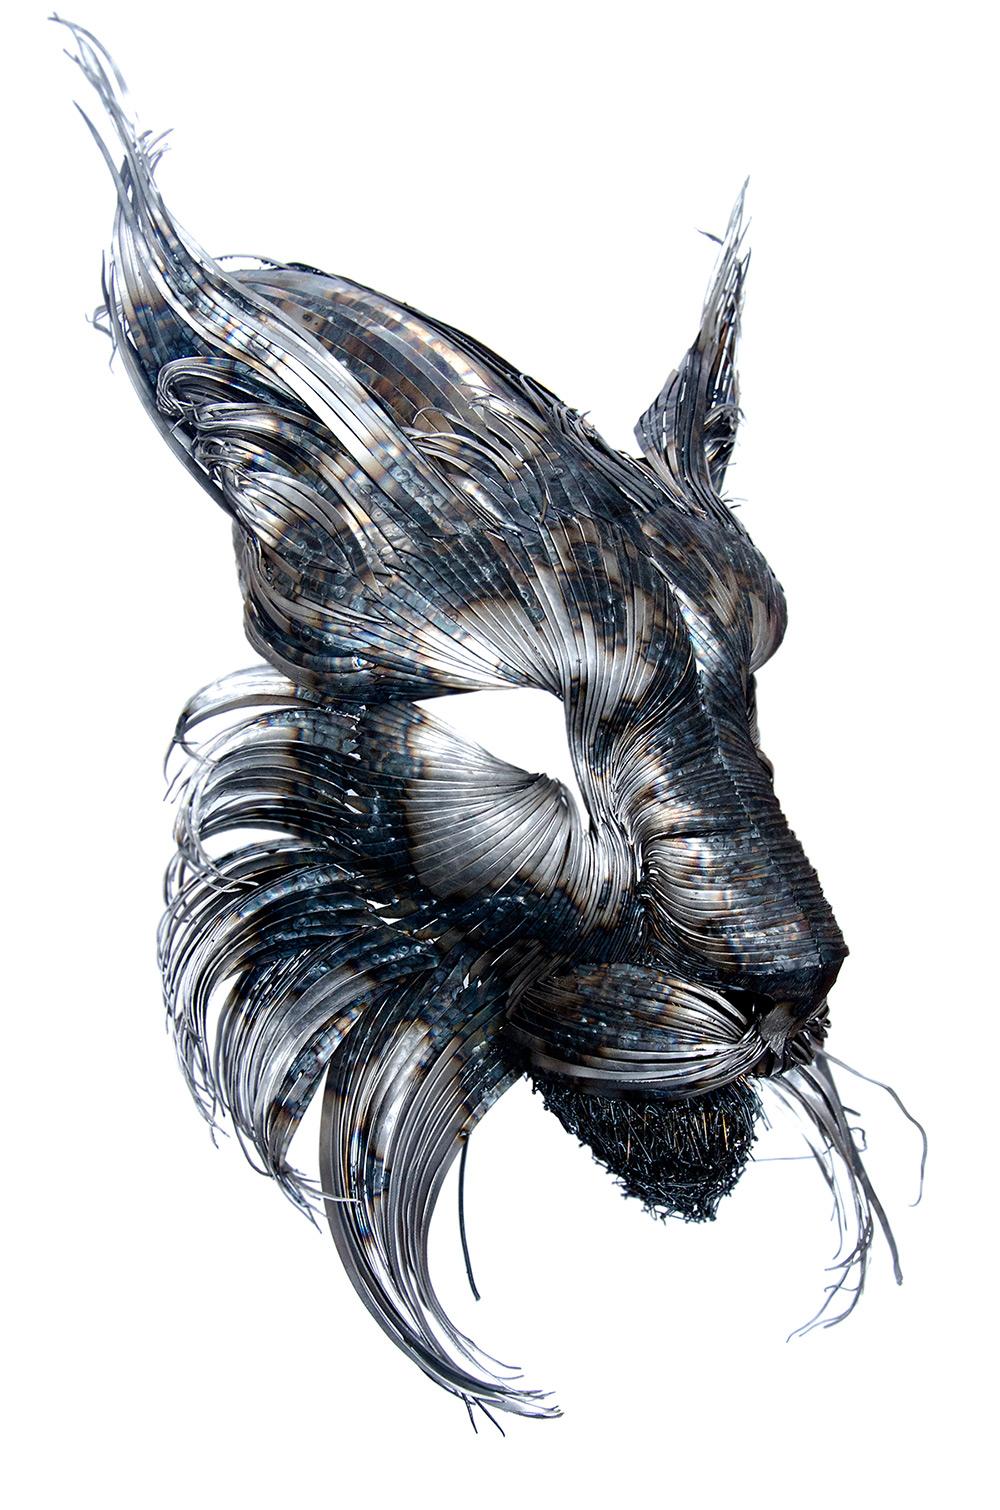 sculture-teste-animali-acciaio-ferro-battuto-selcuk-yilmaz-09